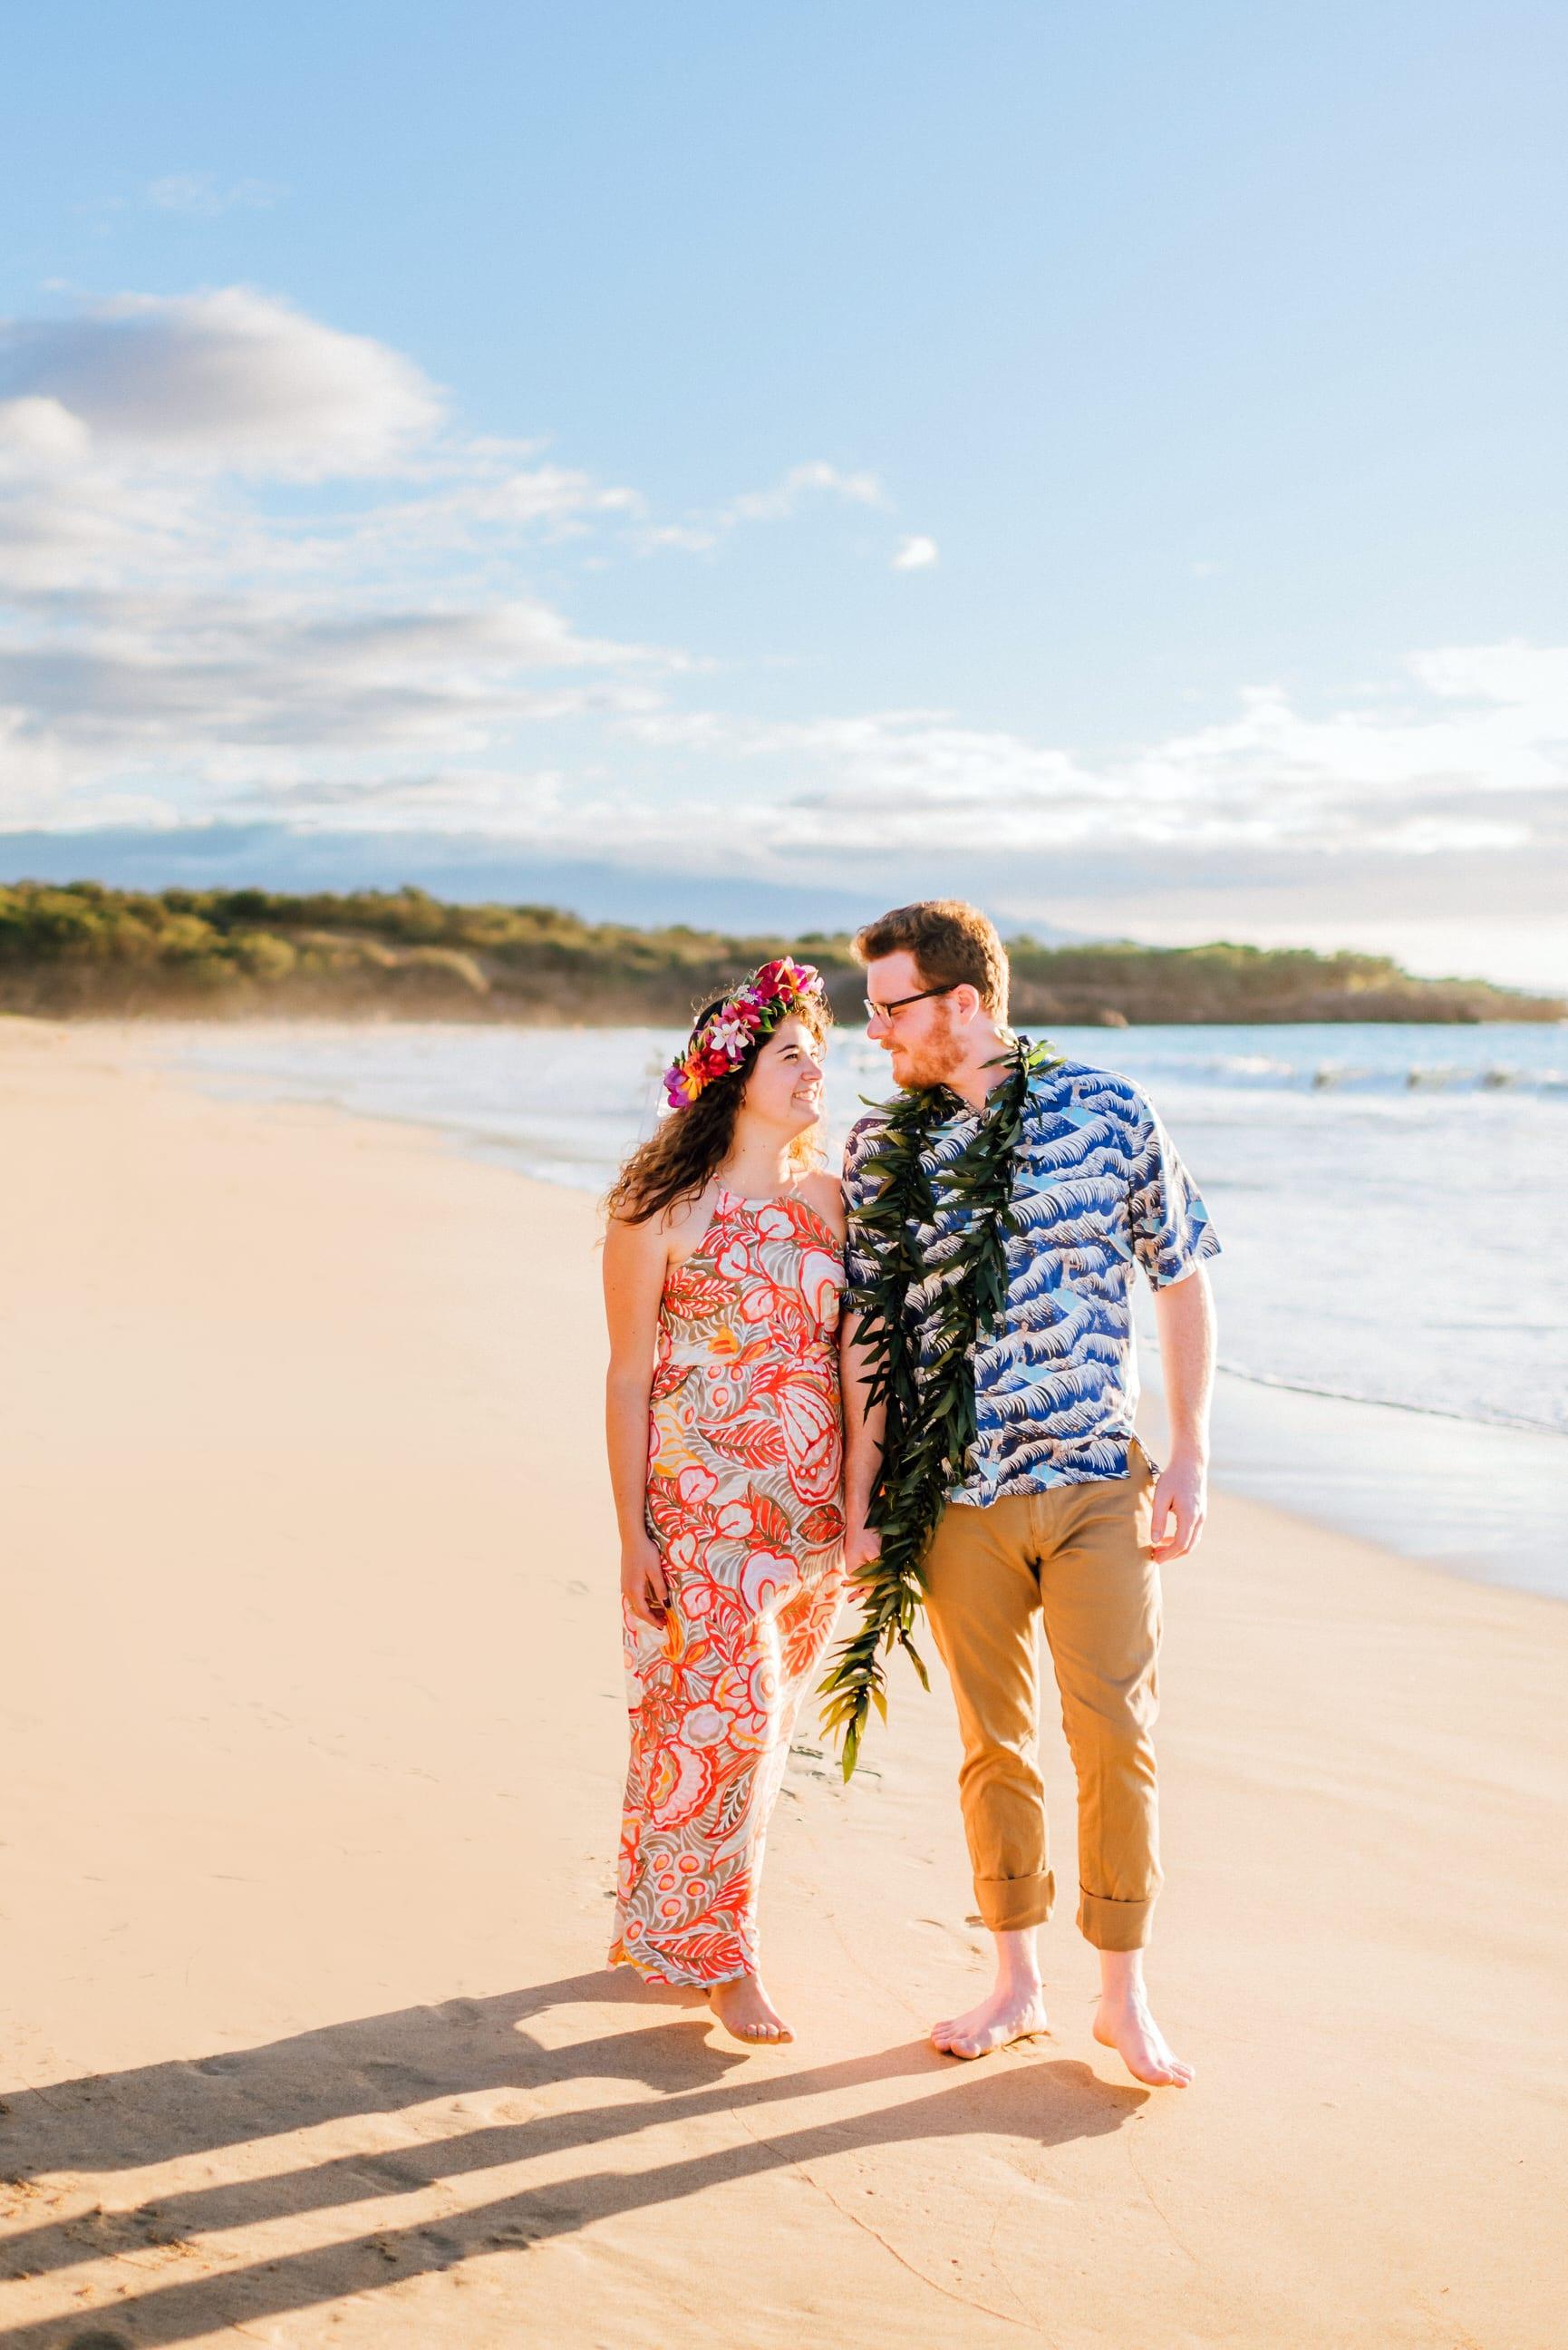 Big-Island-Photographer-Maternity-Babymoon-Hawaii-3.jpg